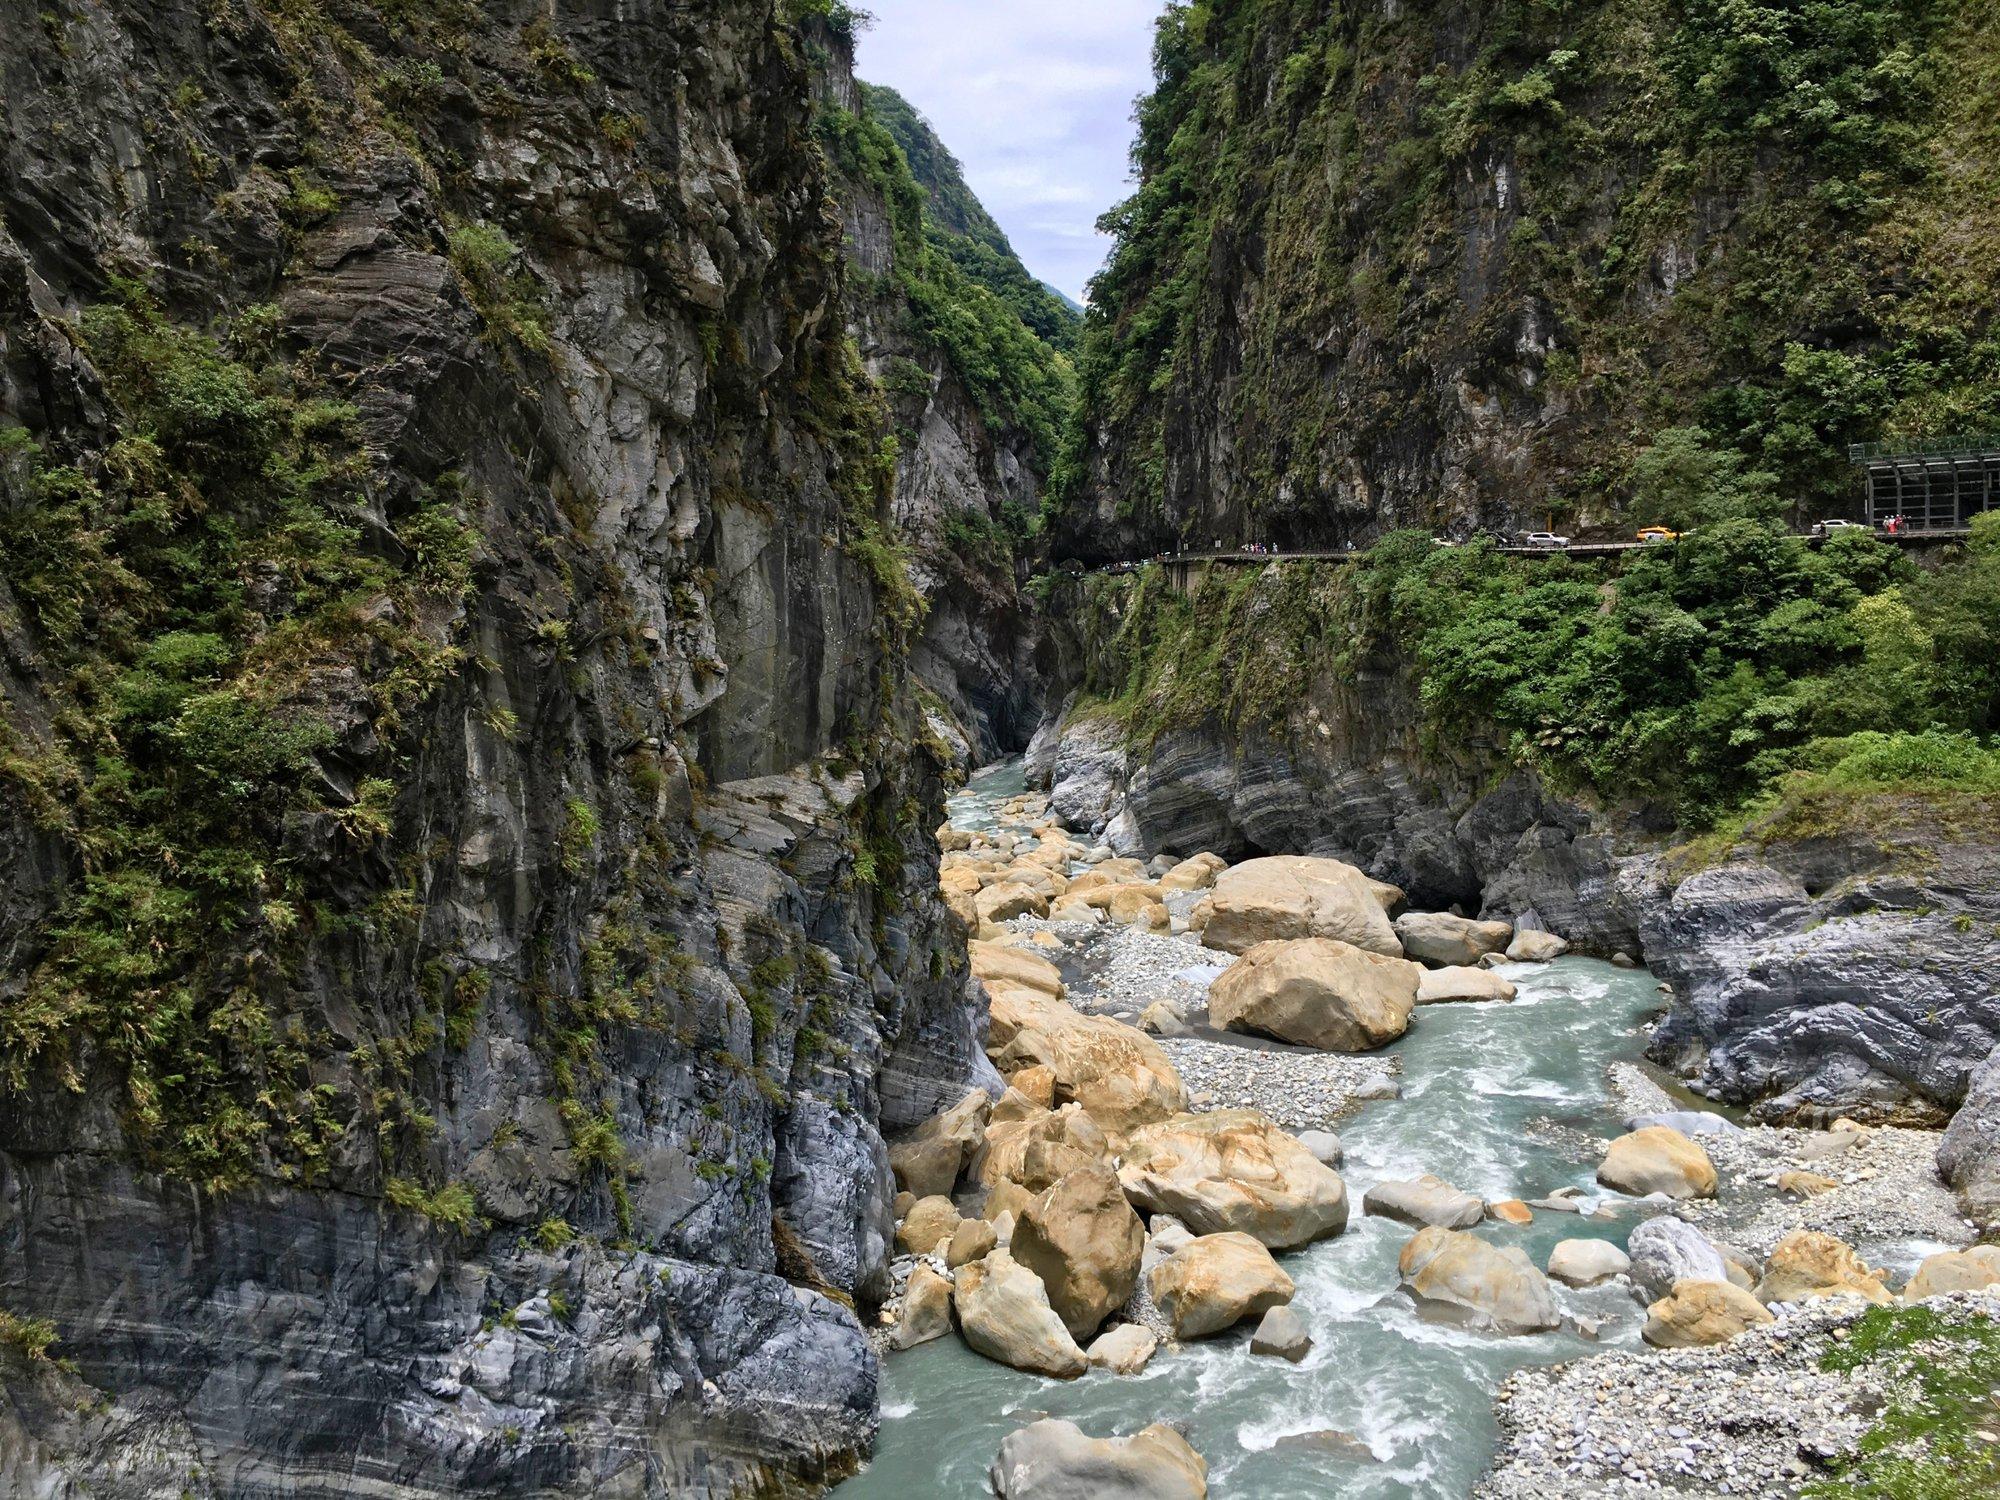 длина ущелья составляет более 18 километров